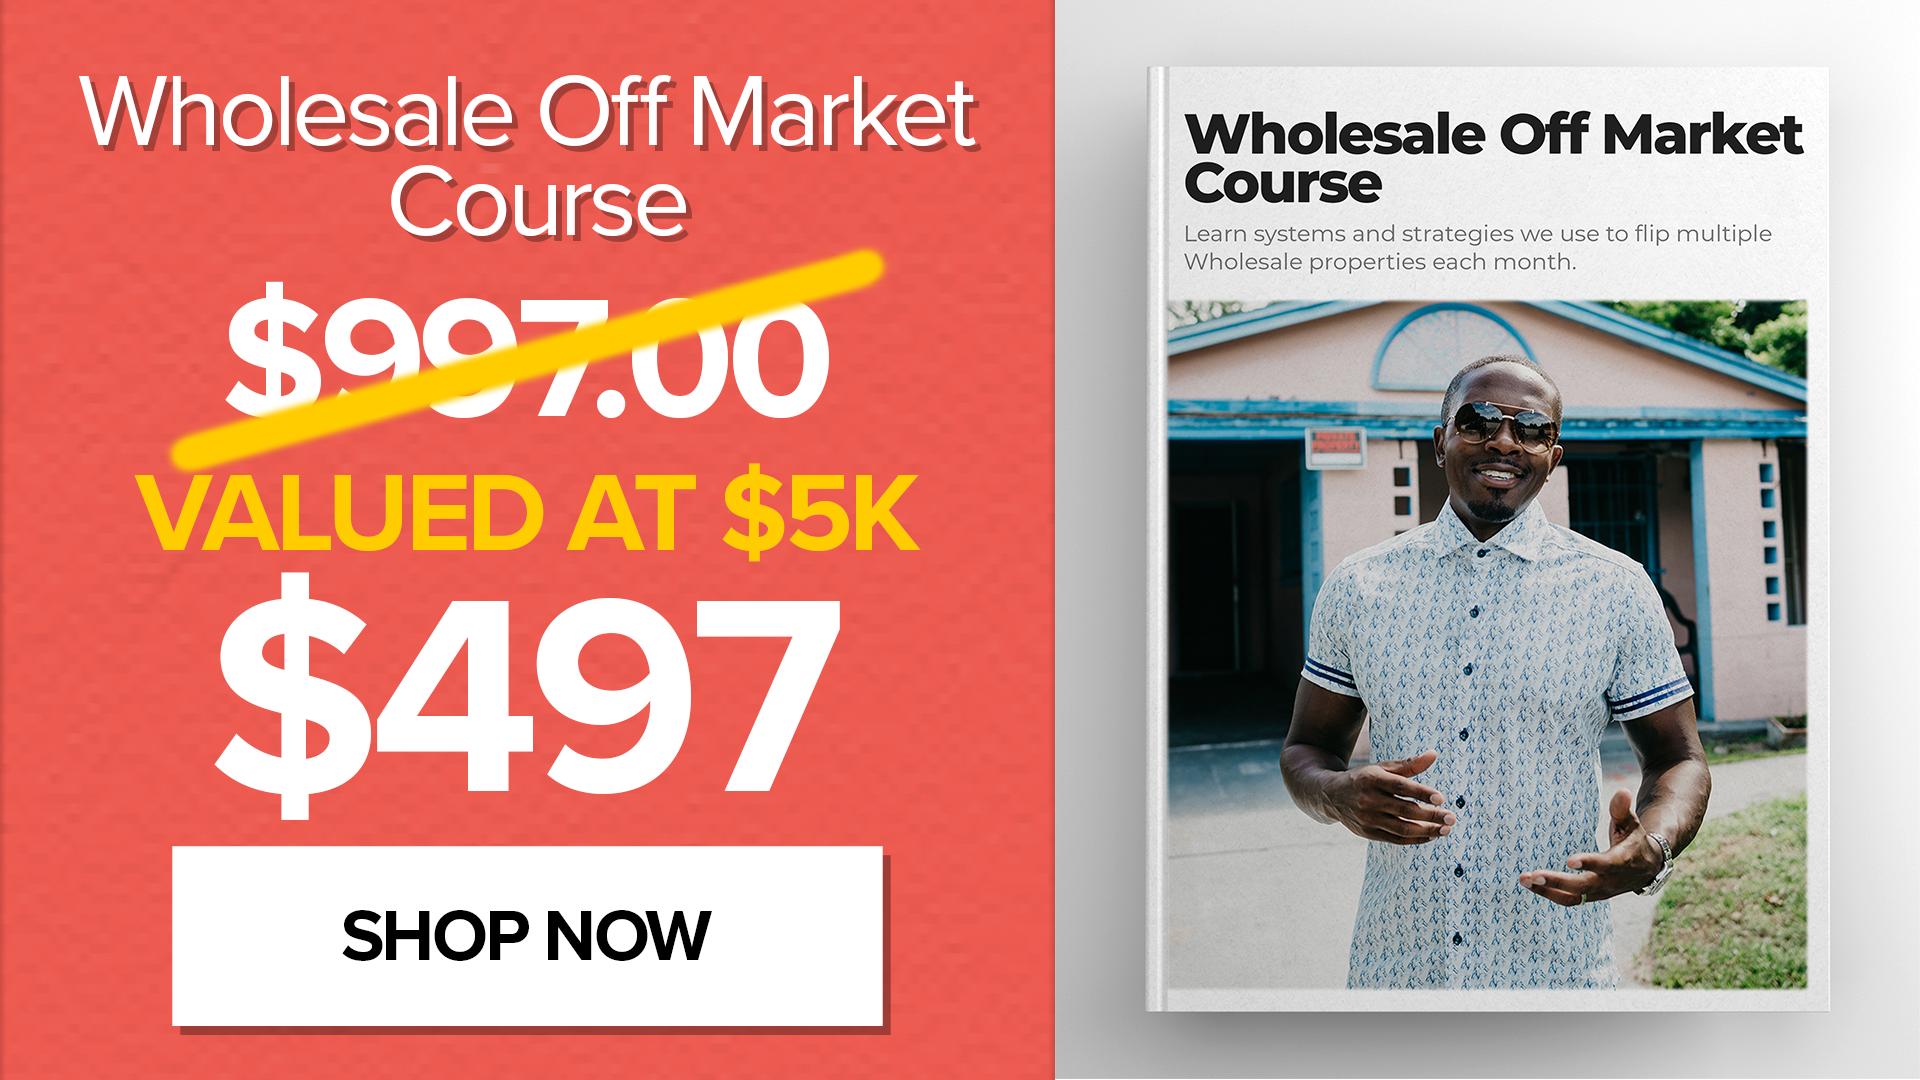 Wholesale Off Market Course_NP_V1 (1)